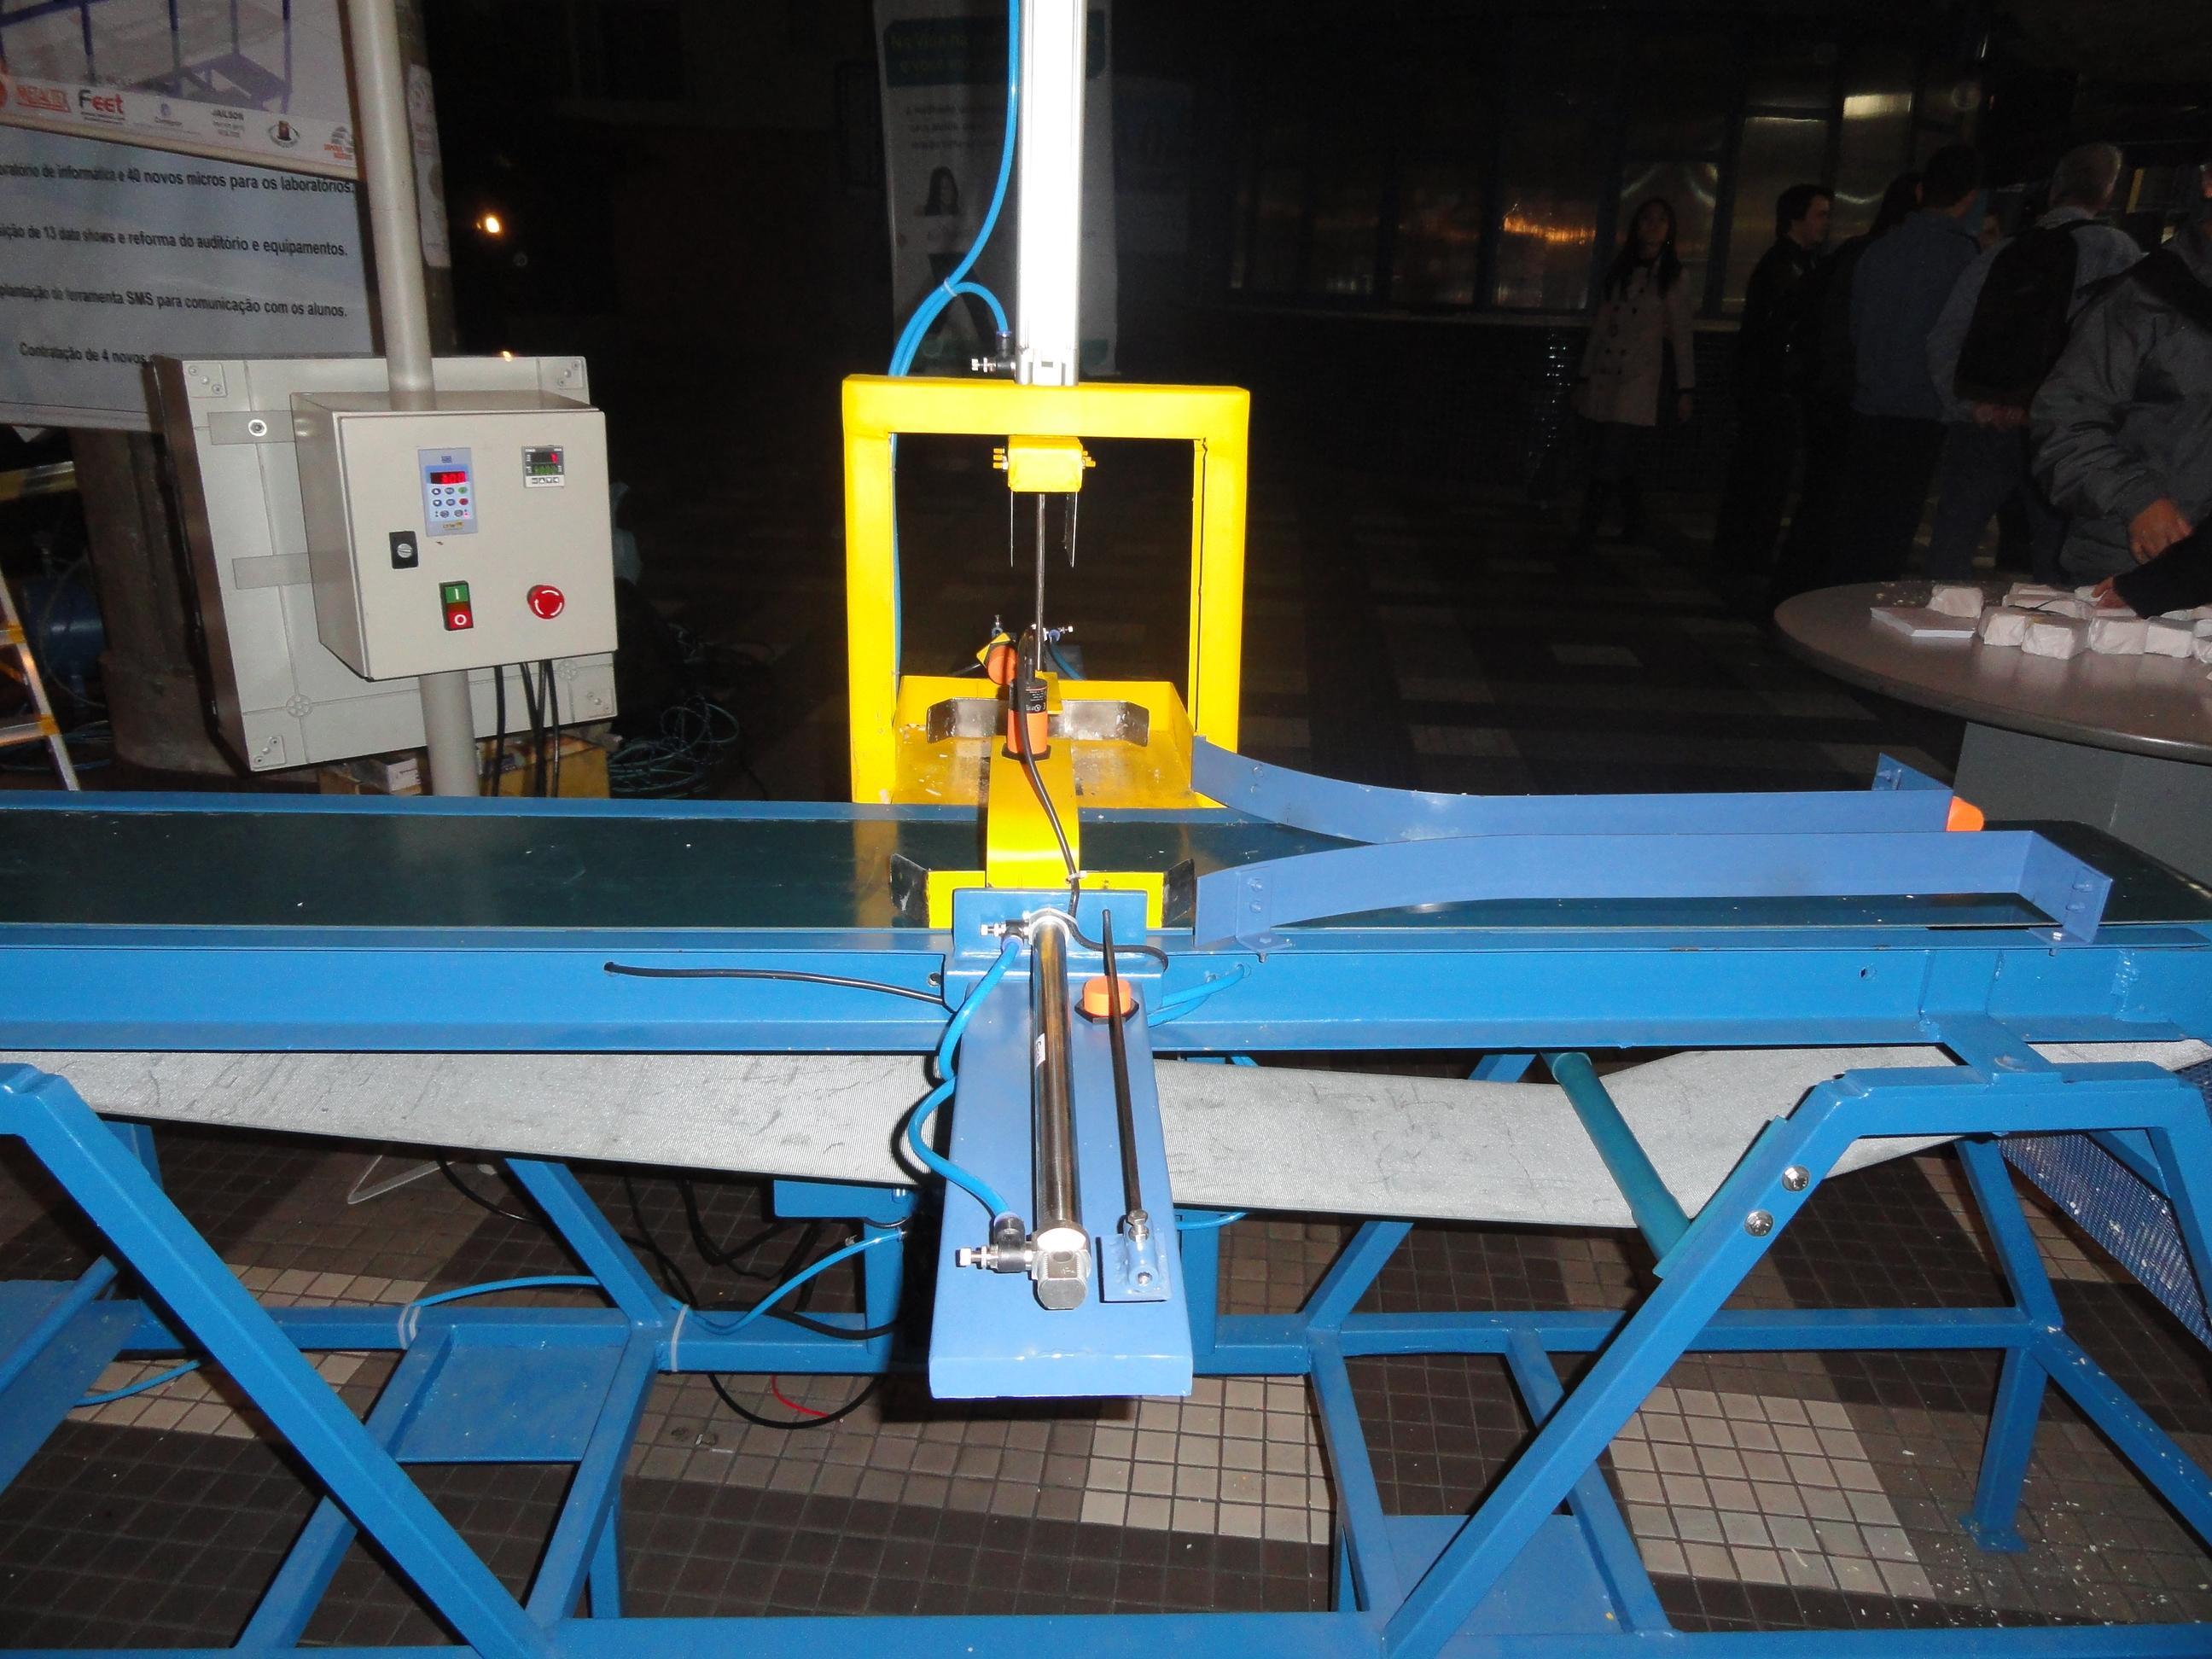 Figura 3: Esteiras automatizadas de corte de sabão, confeccionadas peloa graduandos do curso de Engenharia Elétrica.